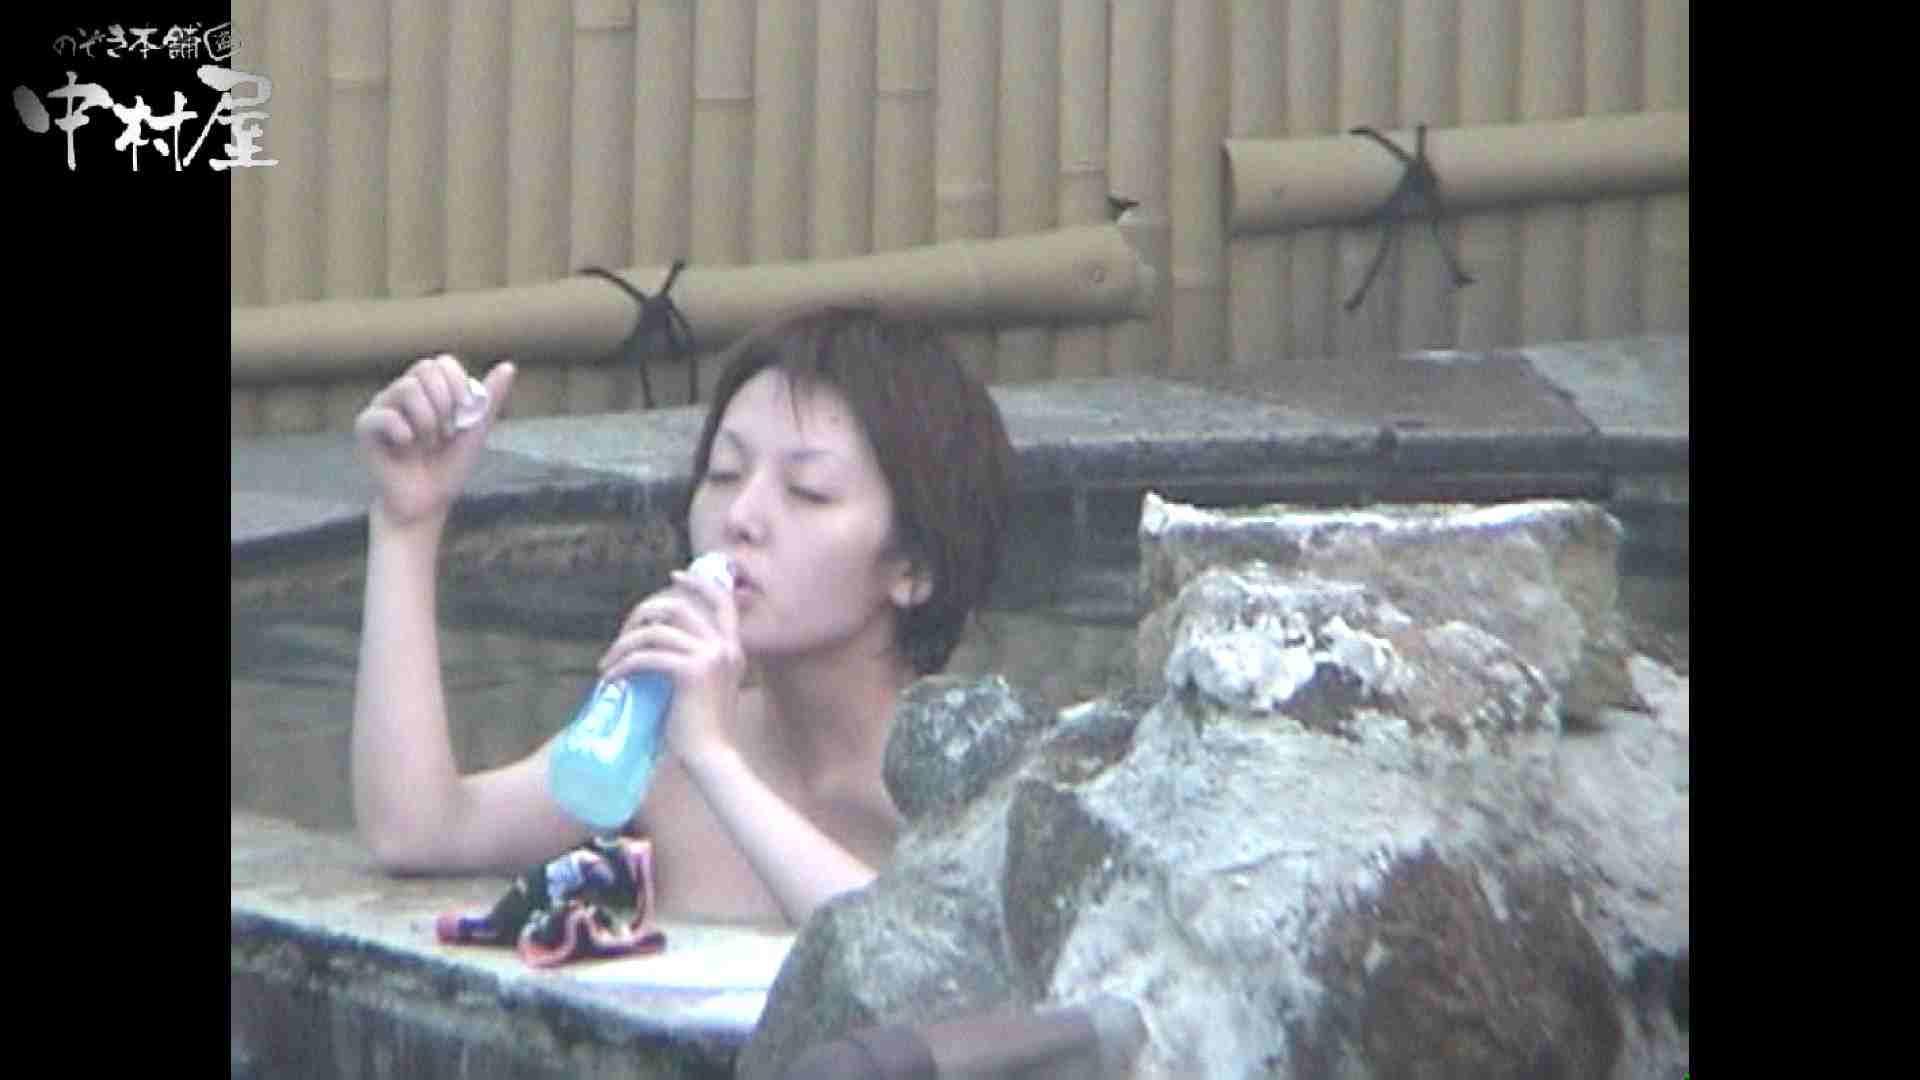 Aquaな露天風呂Vol.959 女体盗撮  101連発 30